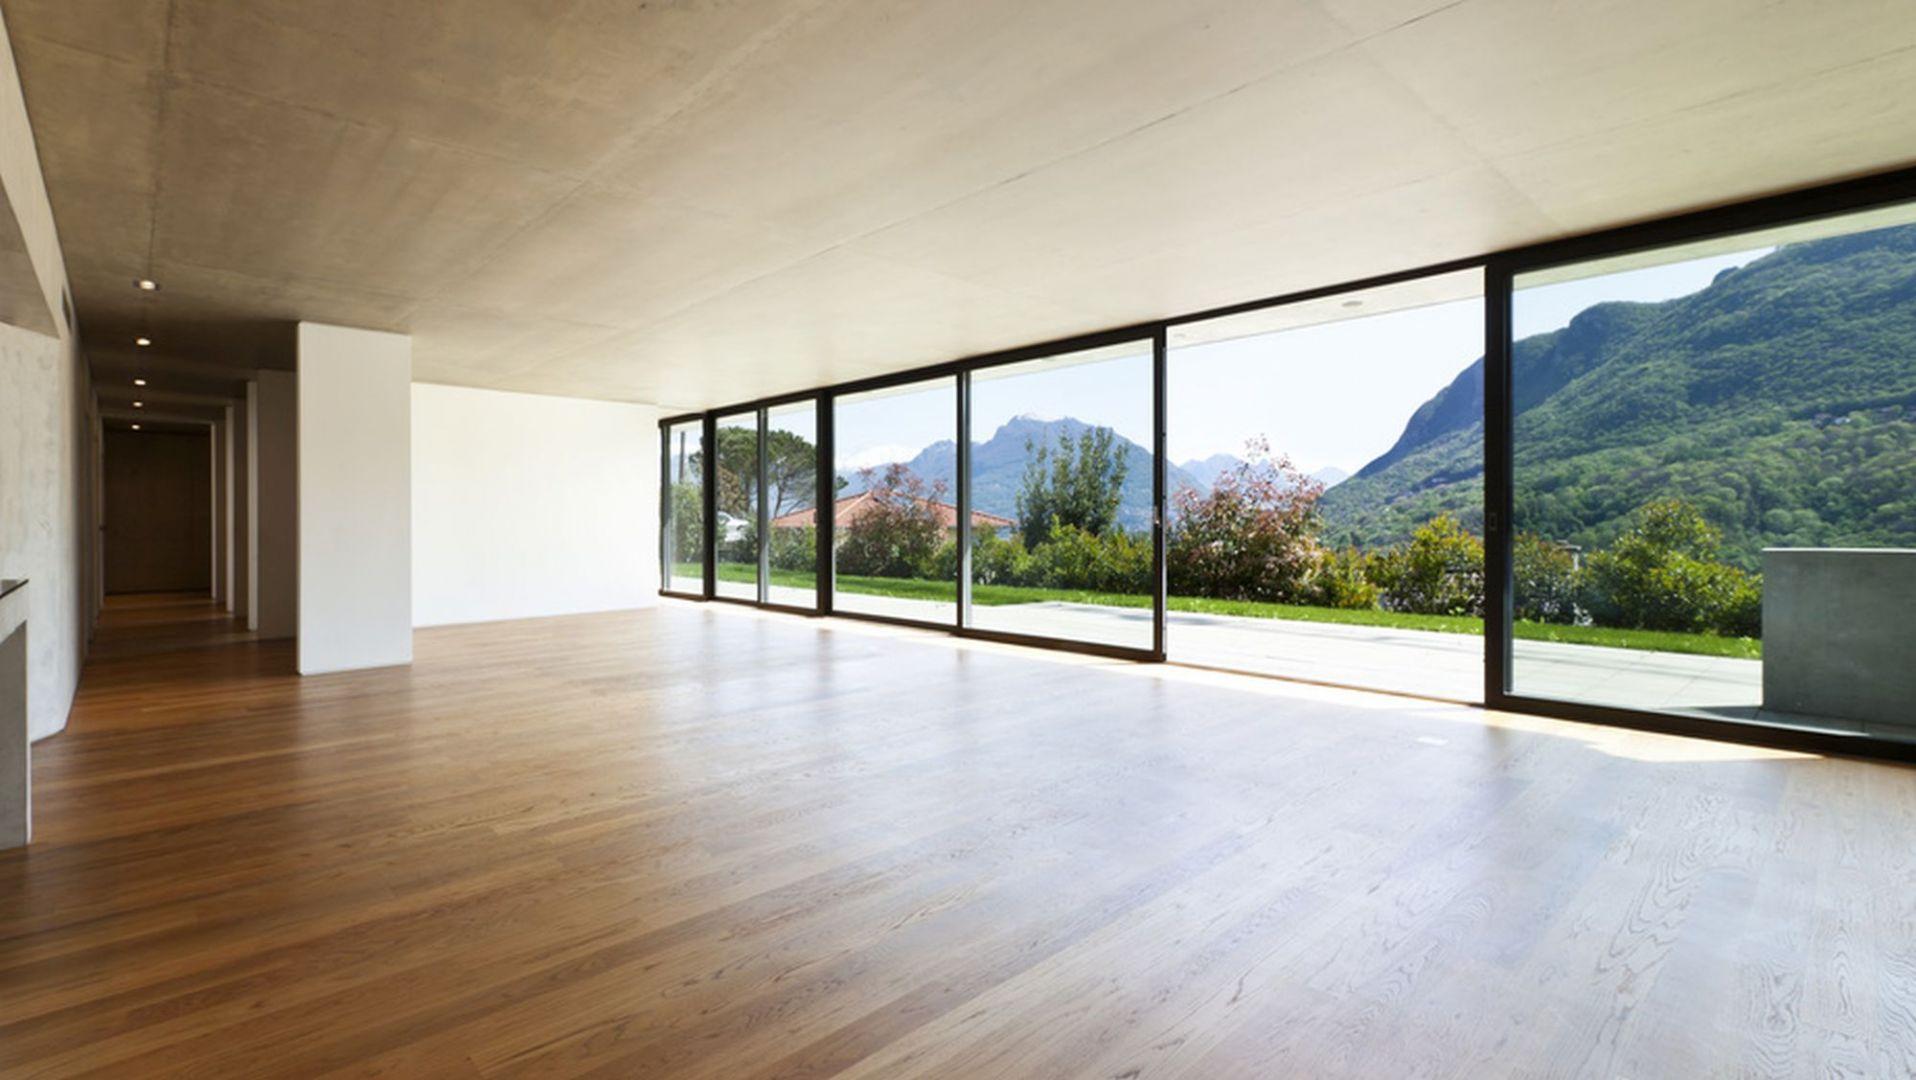 Kryteria wyboru okien: łączymy funkcjonalność i estetkę. Fot. Oknoplus